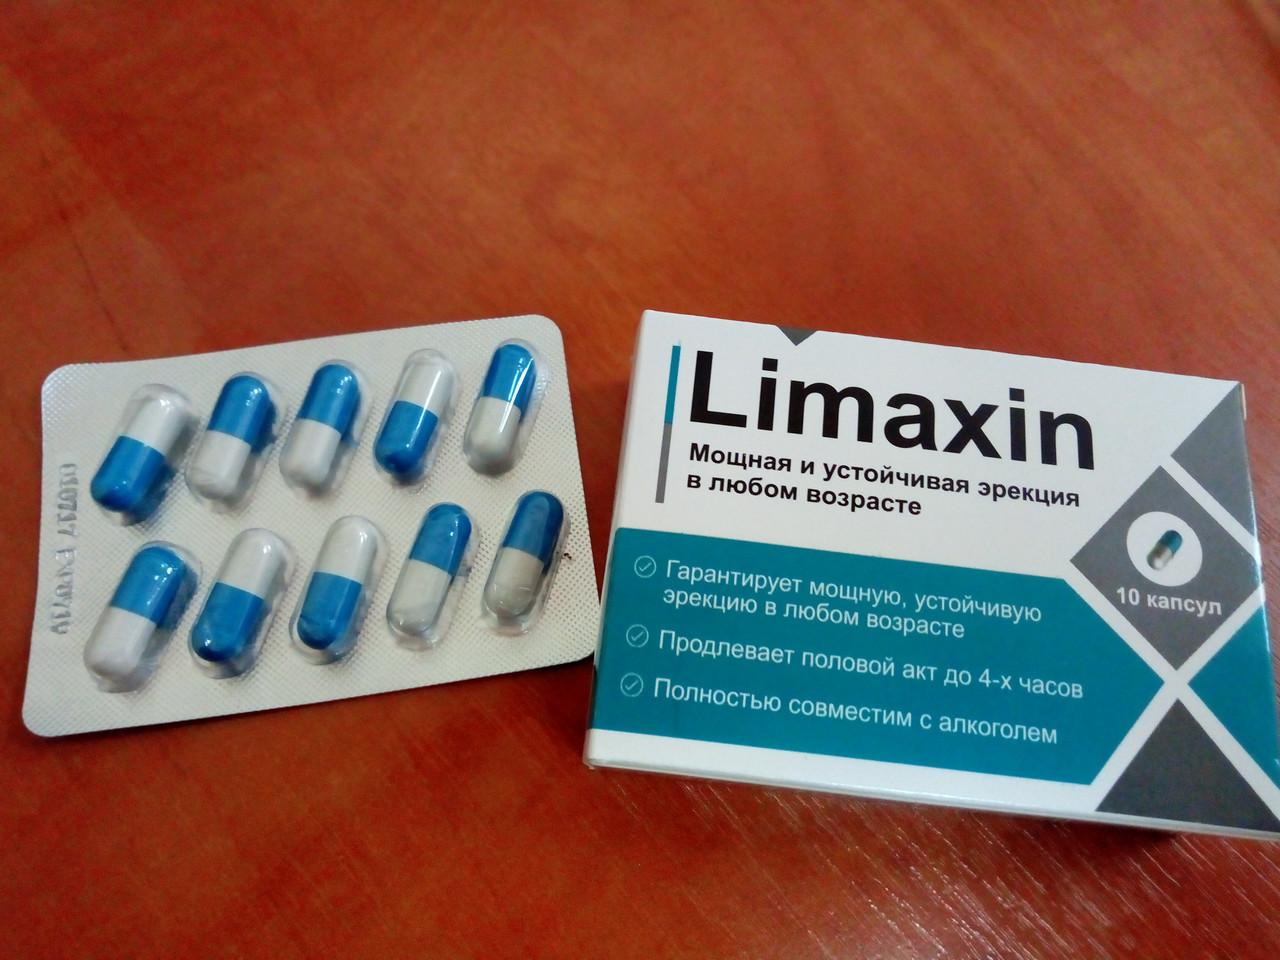 Limaxin – Капсулы для усиления сексуальной активности (Лимаксин) ViP